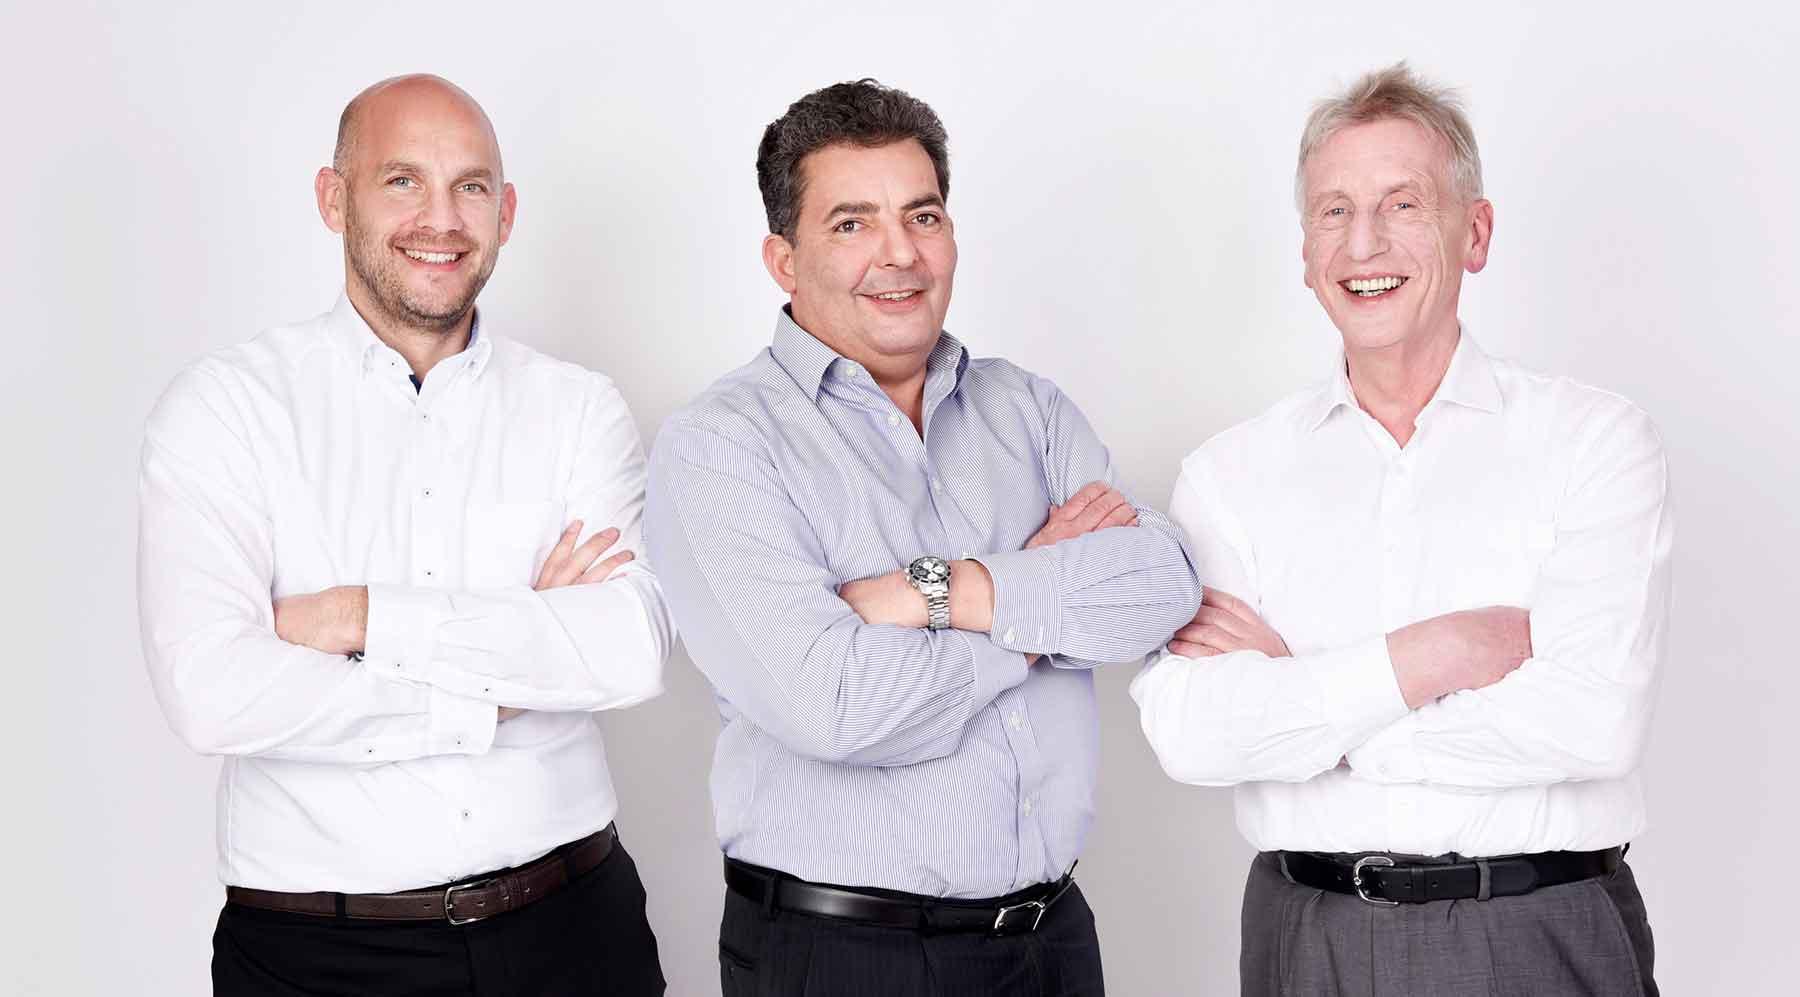 HPB, Feststoffakkus, Leading team